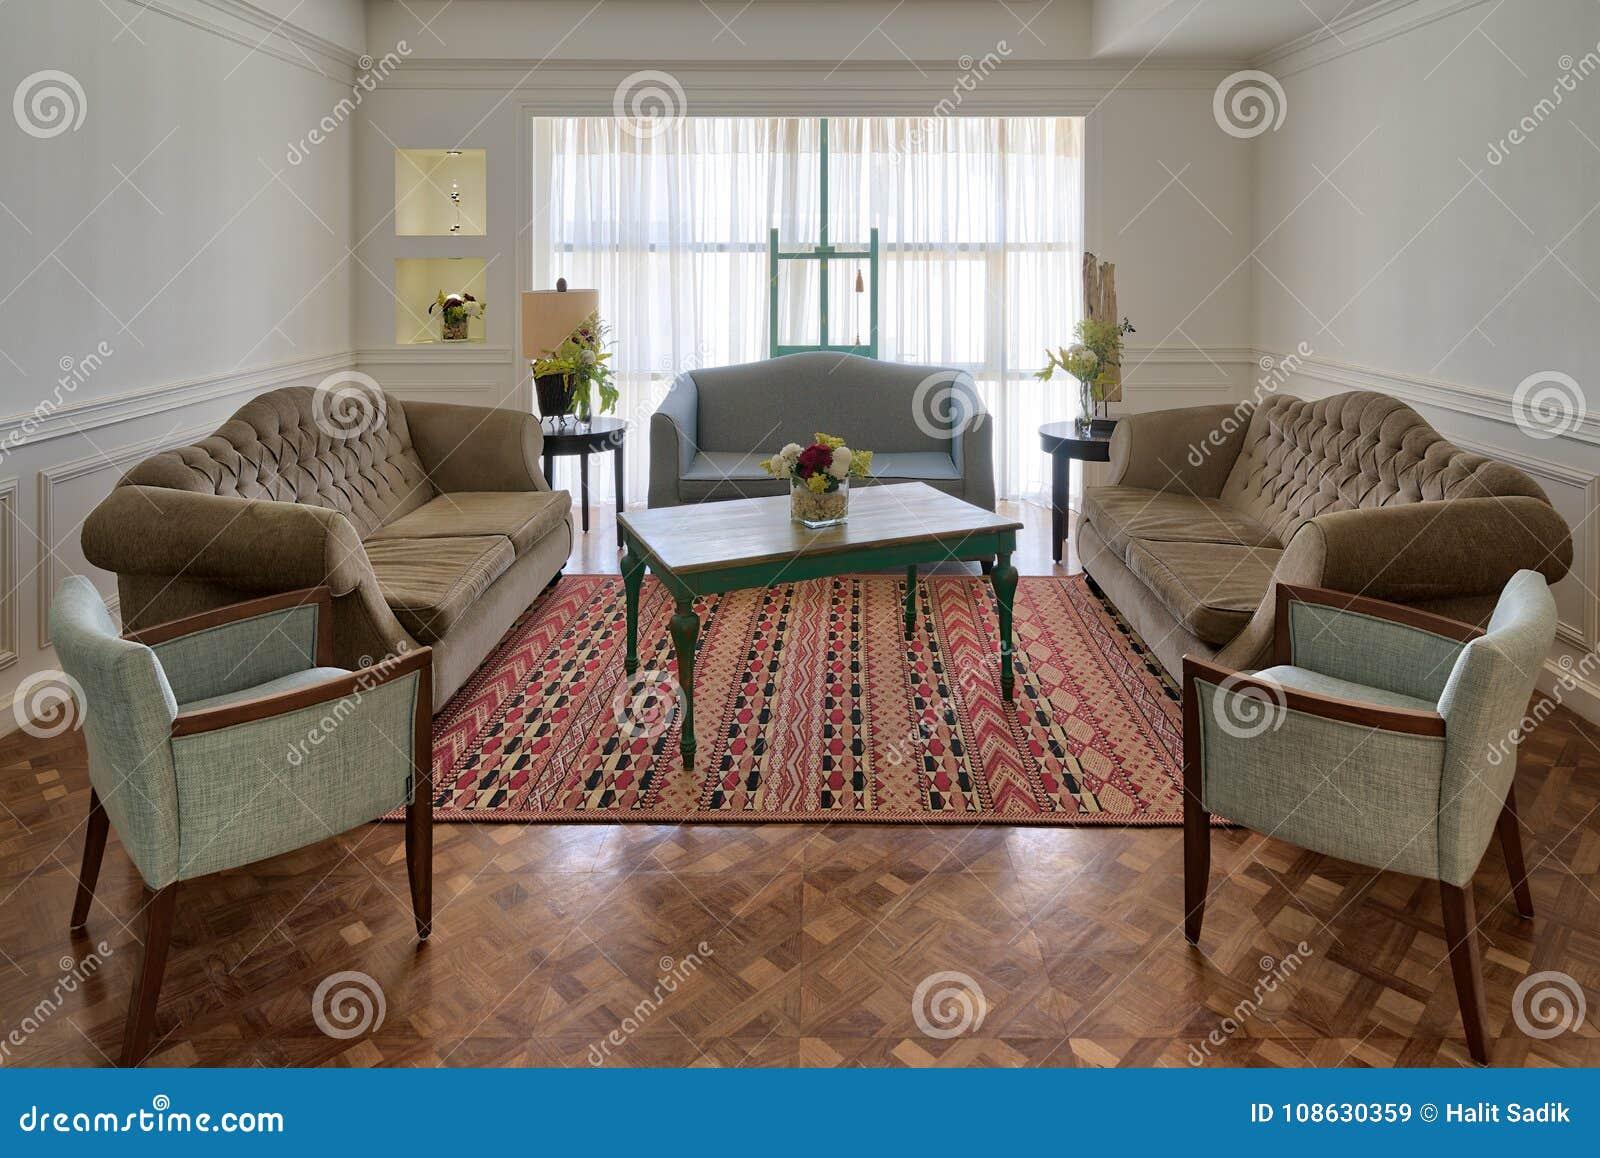 Salon Moderne De Luxe Avec Trois Divans, Deux Fauteuils